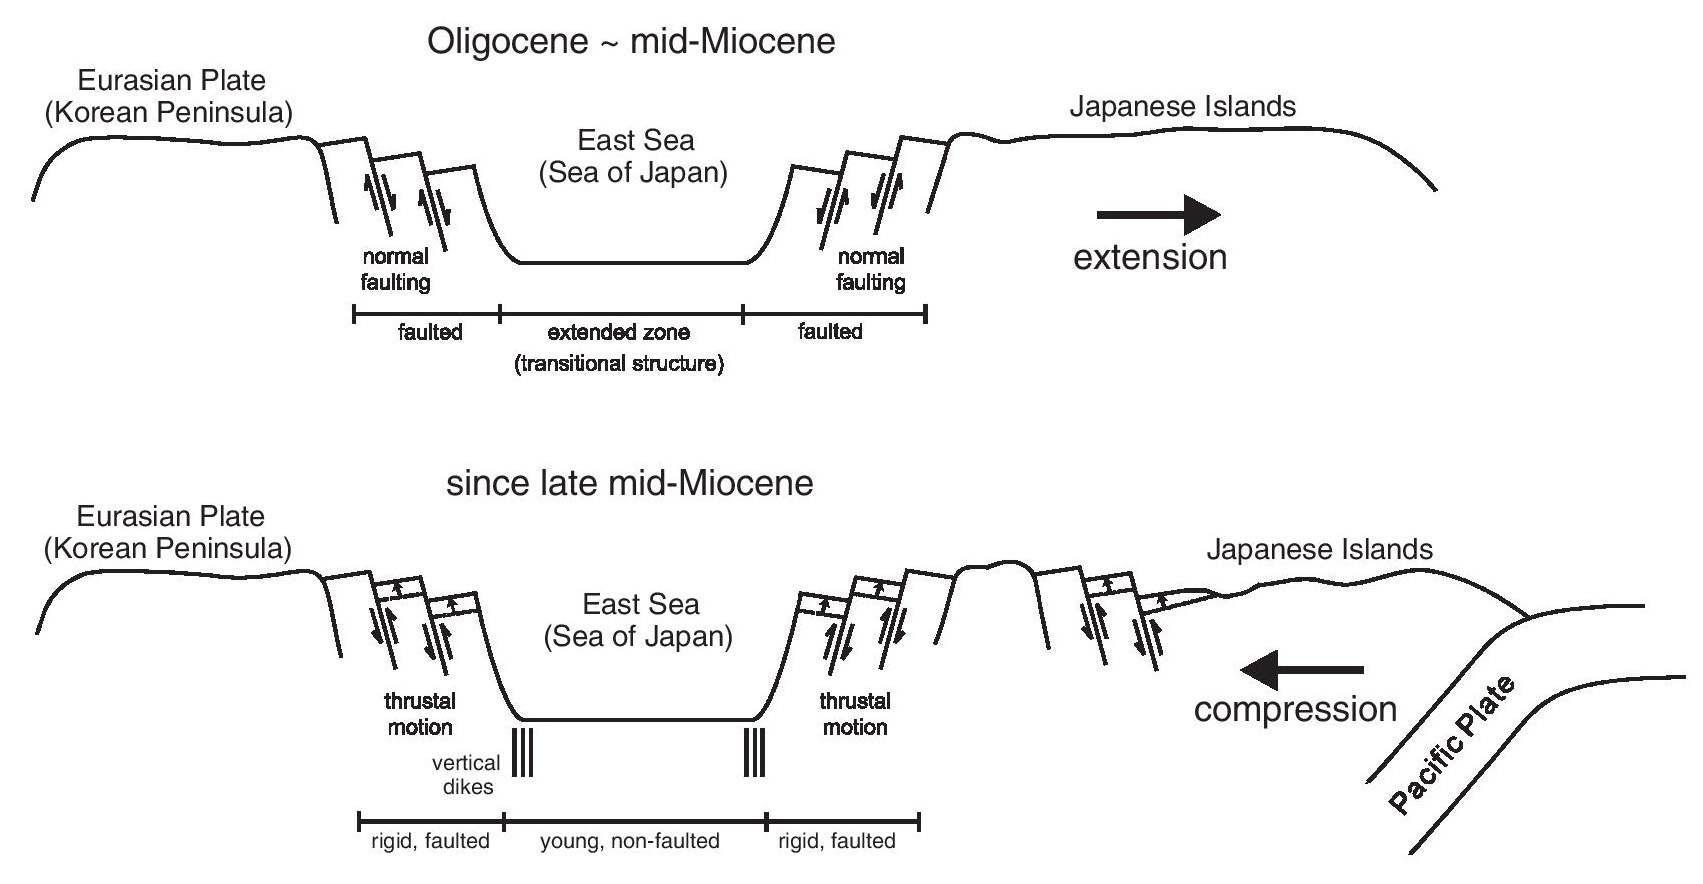 동해에서의 정단층과 역단층의 발생에 대한 도식적인 2차원 모델. (위) 바다 방향으로 경사진 정단 층은 동해 열림의 원인이 된 점신세에서 중기 중신에 동안의 고대 열개로 인해 발달되었다. (아래) 동해에서의 수축이 원인이 된 중기 중신세 말 이후의 압축. 압축력 장은 역단층 활동의 결과 동해 주변에서의 고대 정단 층 시스템과 반대다. 수직 균열은 대륙 끝부분과 동해 중신 사이의 지역에서 발달되었다.